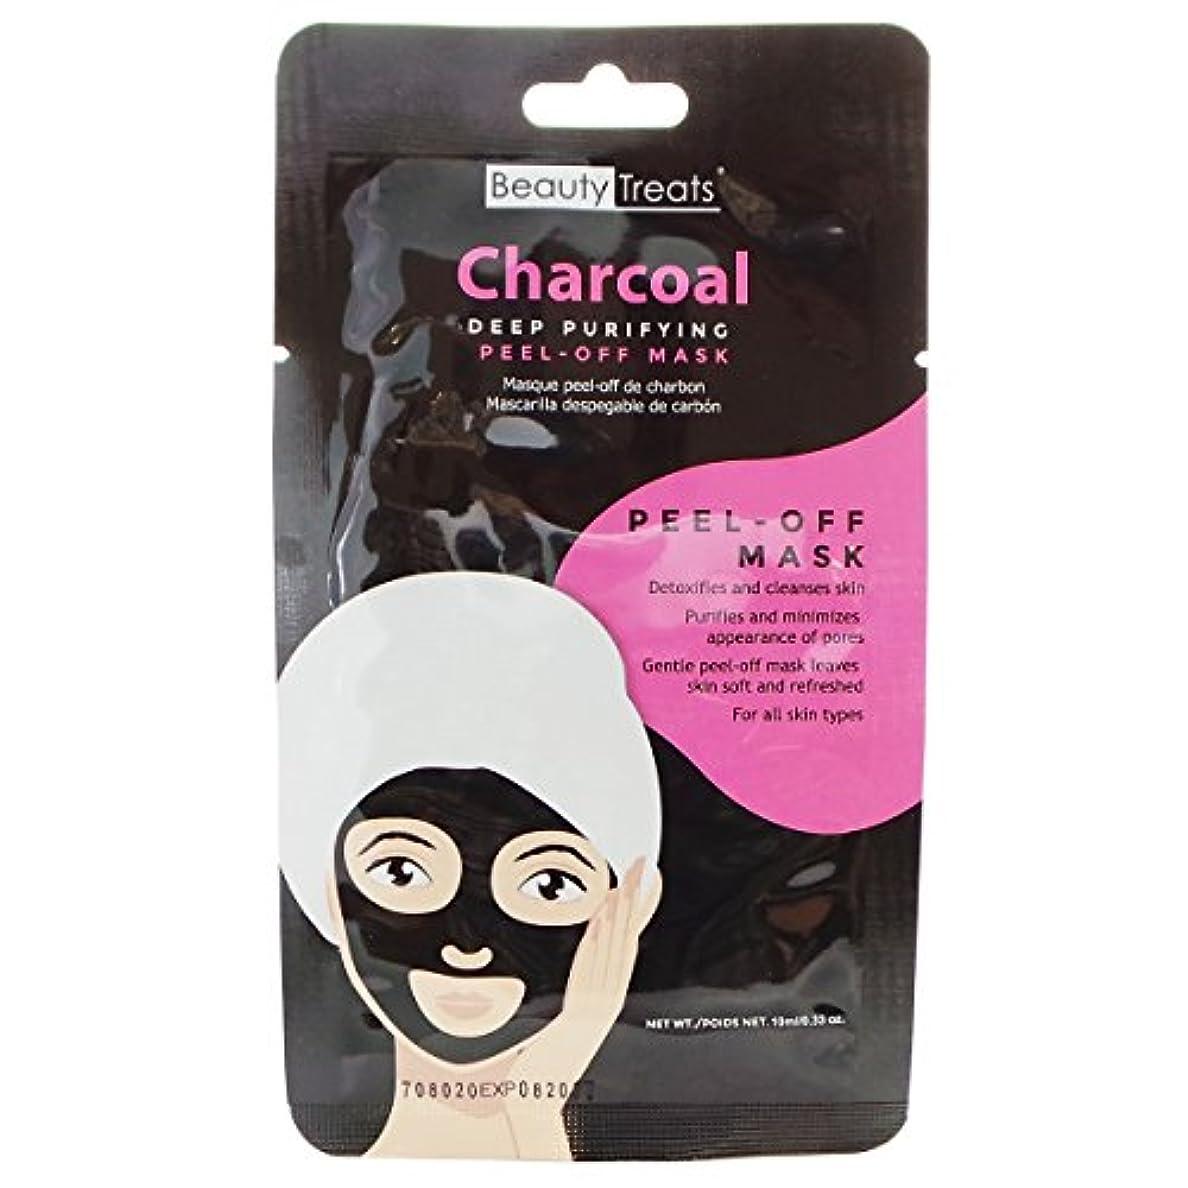 不可能な大四分円(6 Pack) BEAUTY TREATS Deep Purifying Peel-Off Charcoal Mask (並行輸入品)